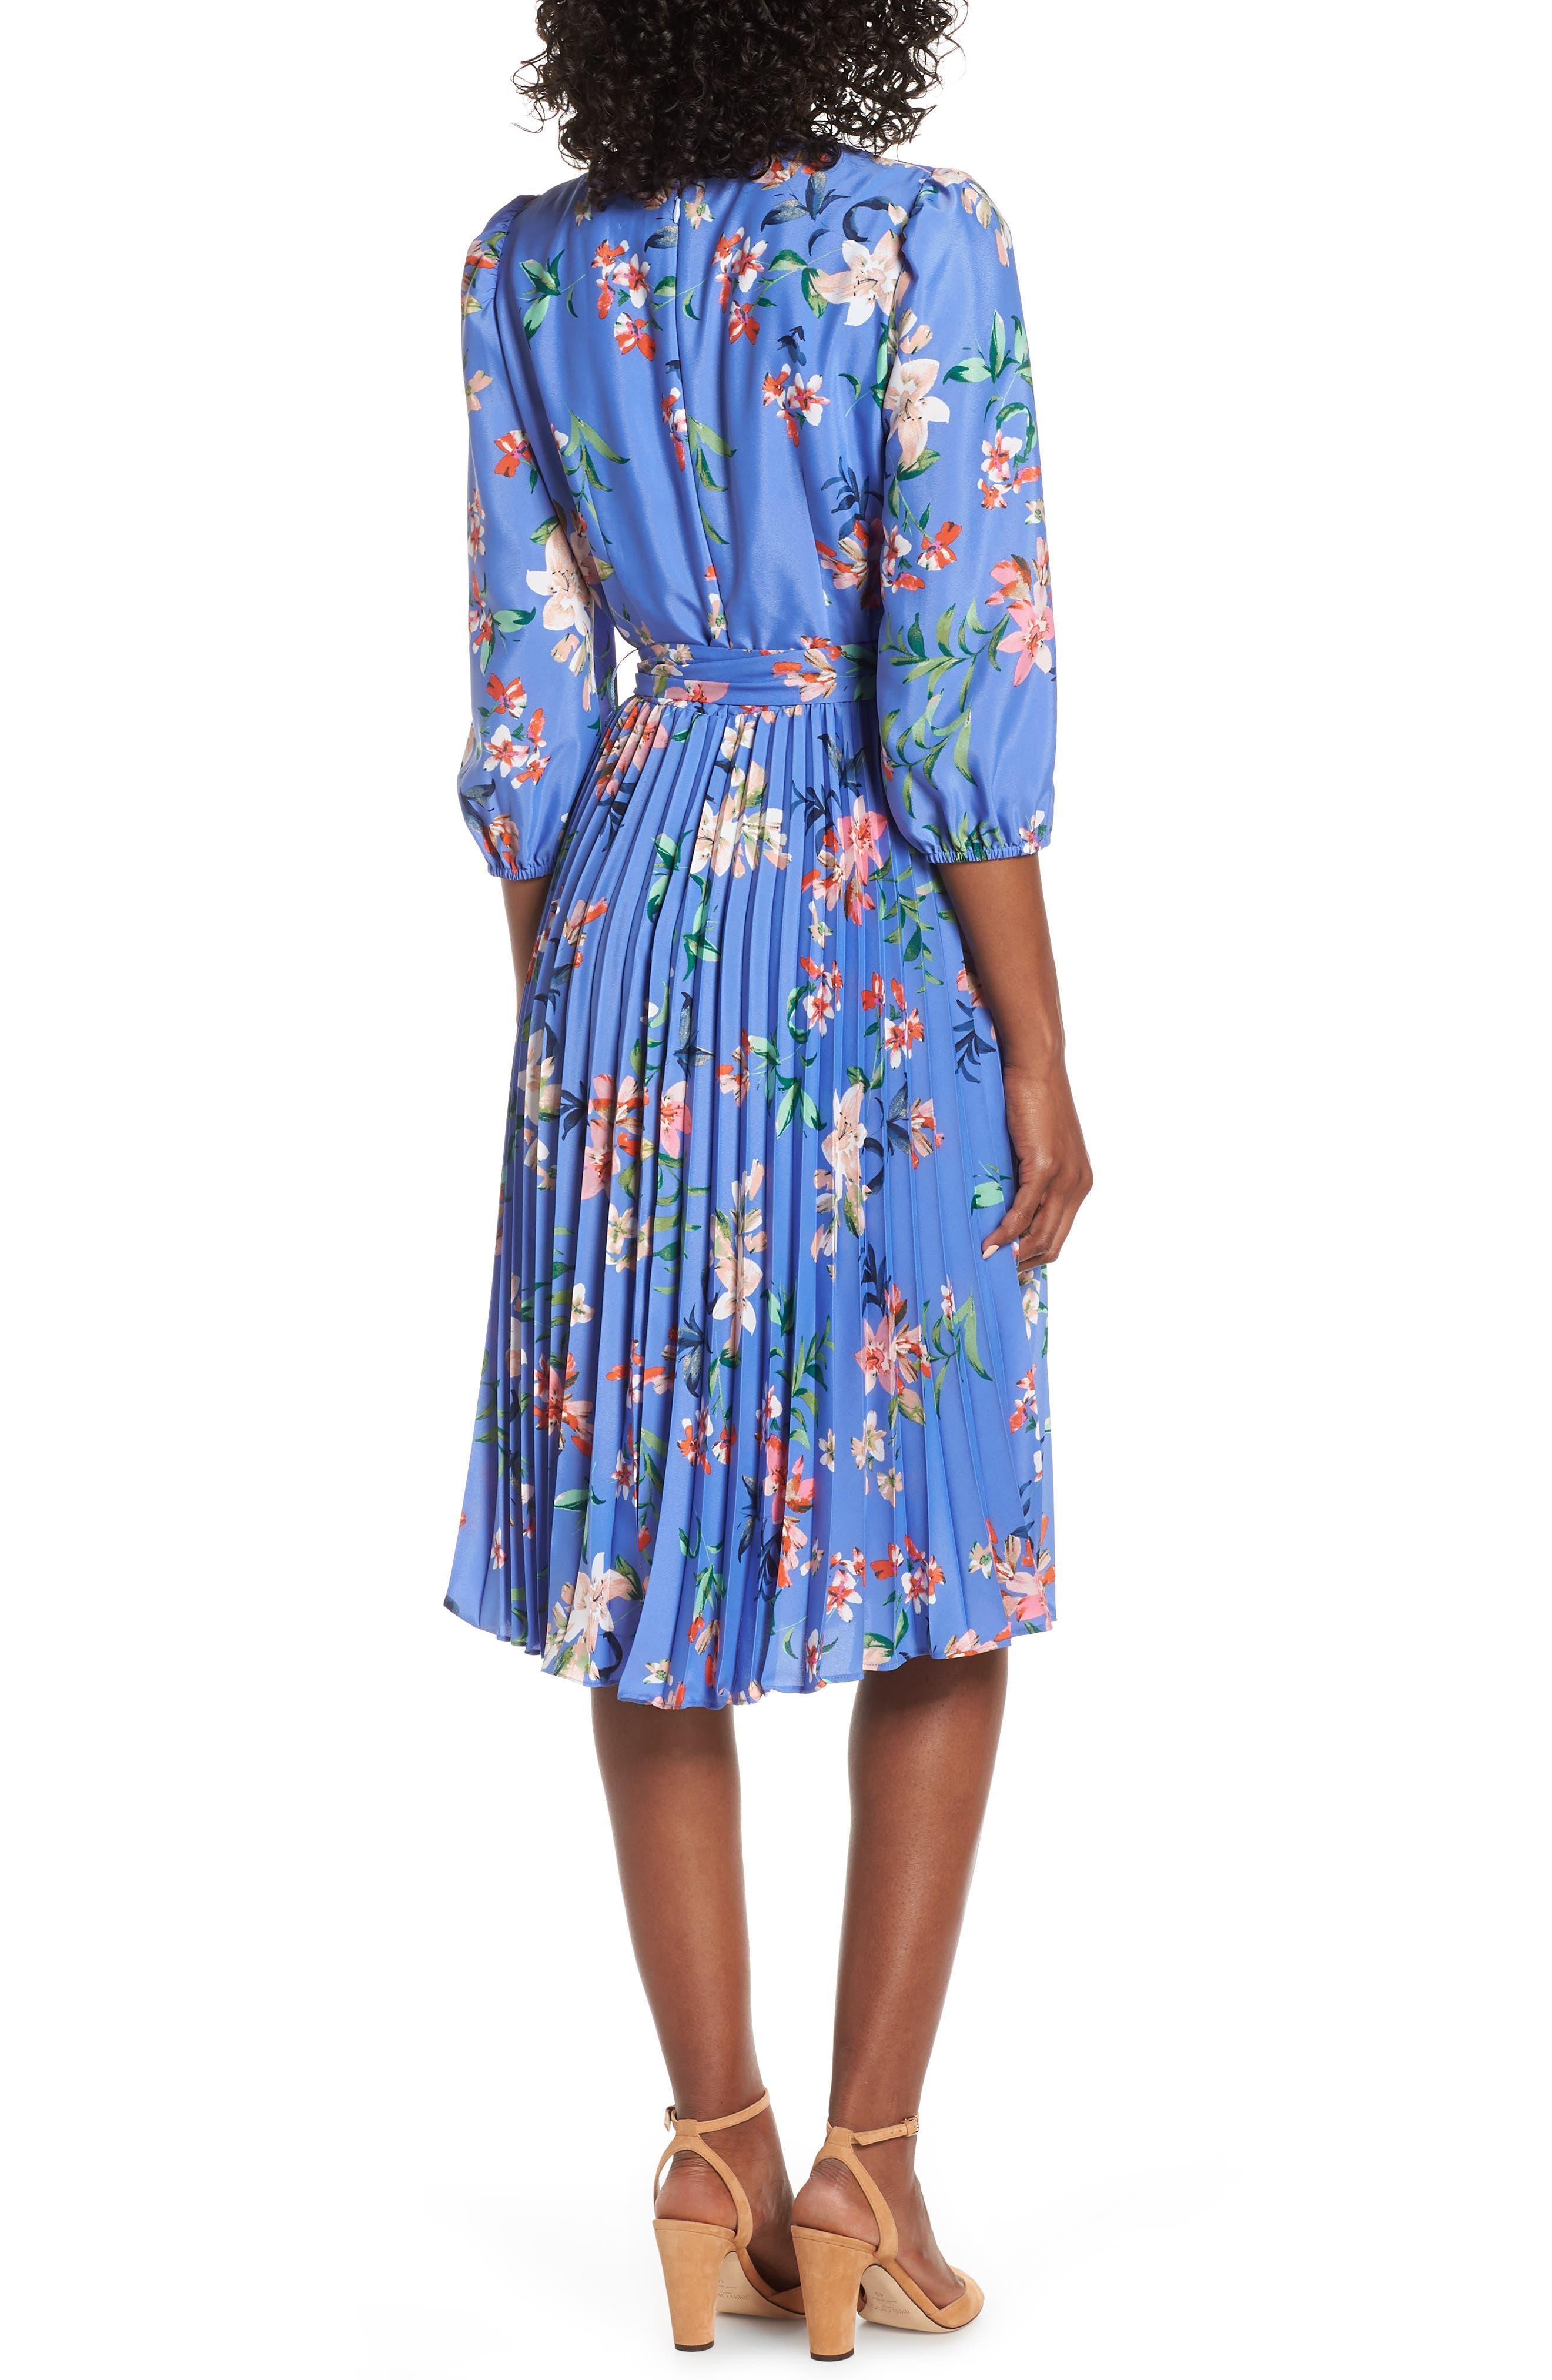 ELIZA J, Pleated Faux Wrap Dress, Alternate thumbnail 2, color, BLUE